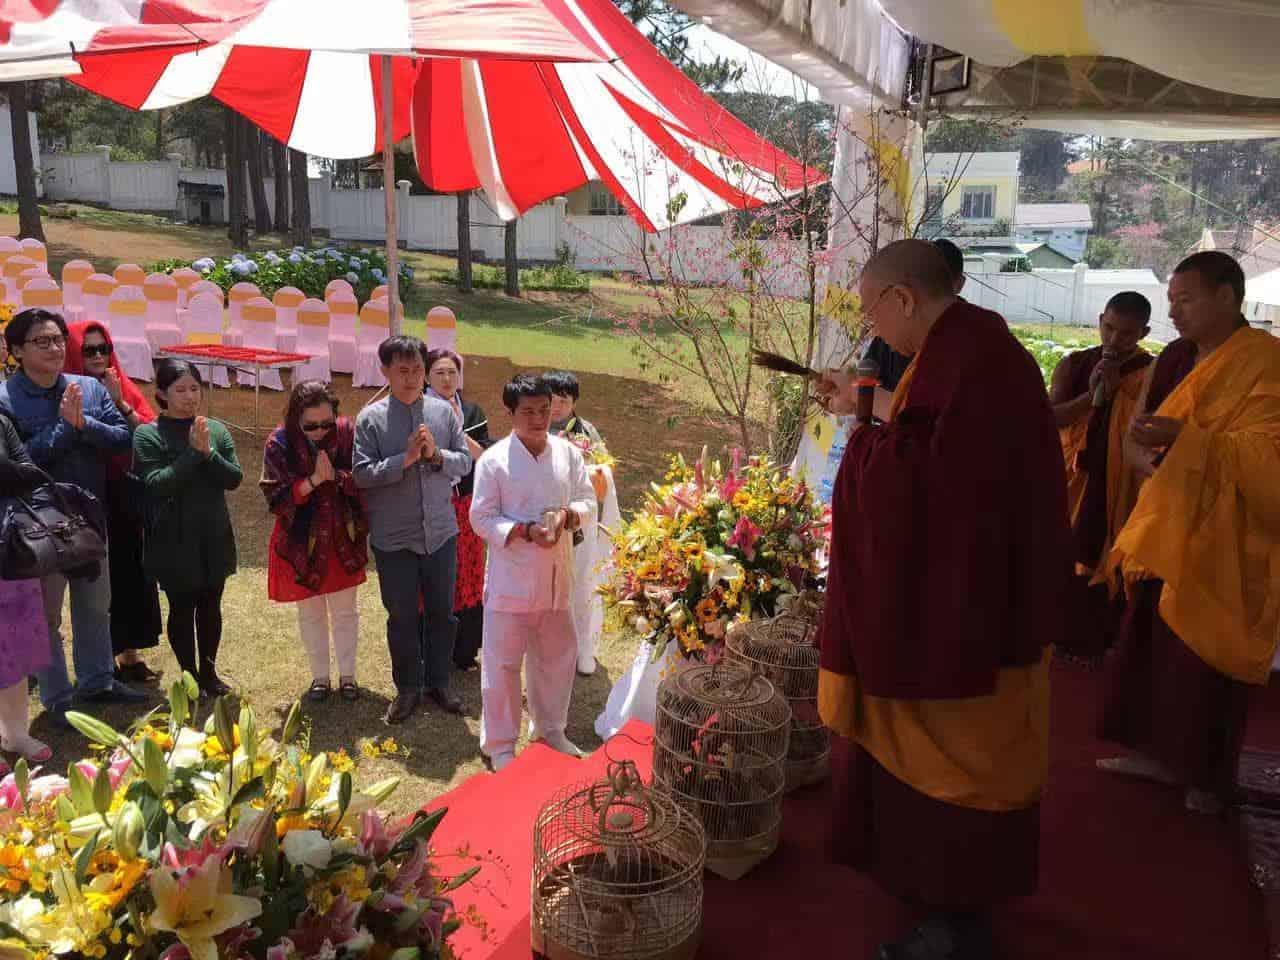 Gosok Rinpoche Vietnam 2017-03-05 55be2f5125e2b16fd66123e4bb2327b